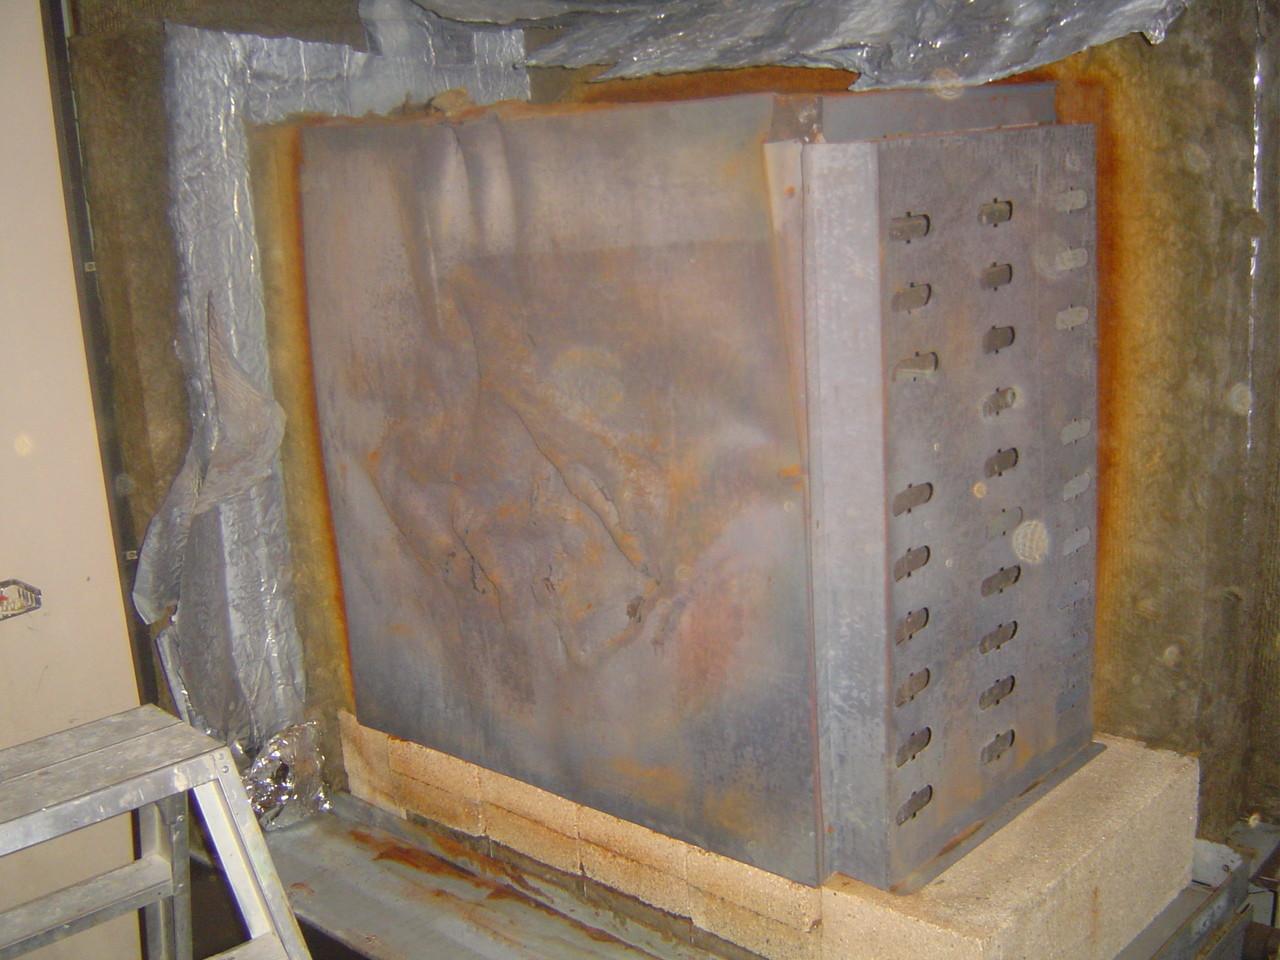 LINDENTHAL Umweltdienstleistungen: Block-Nachtspeicherofen (asbestfrei) mit KMF- Isolierung